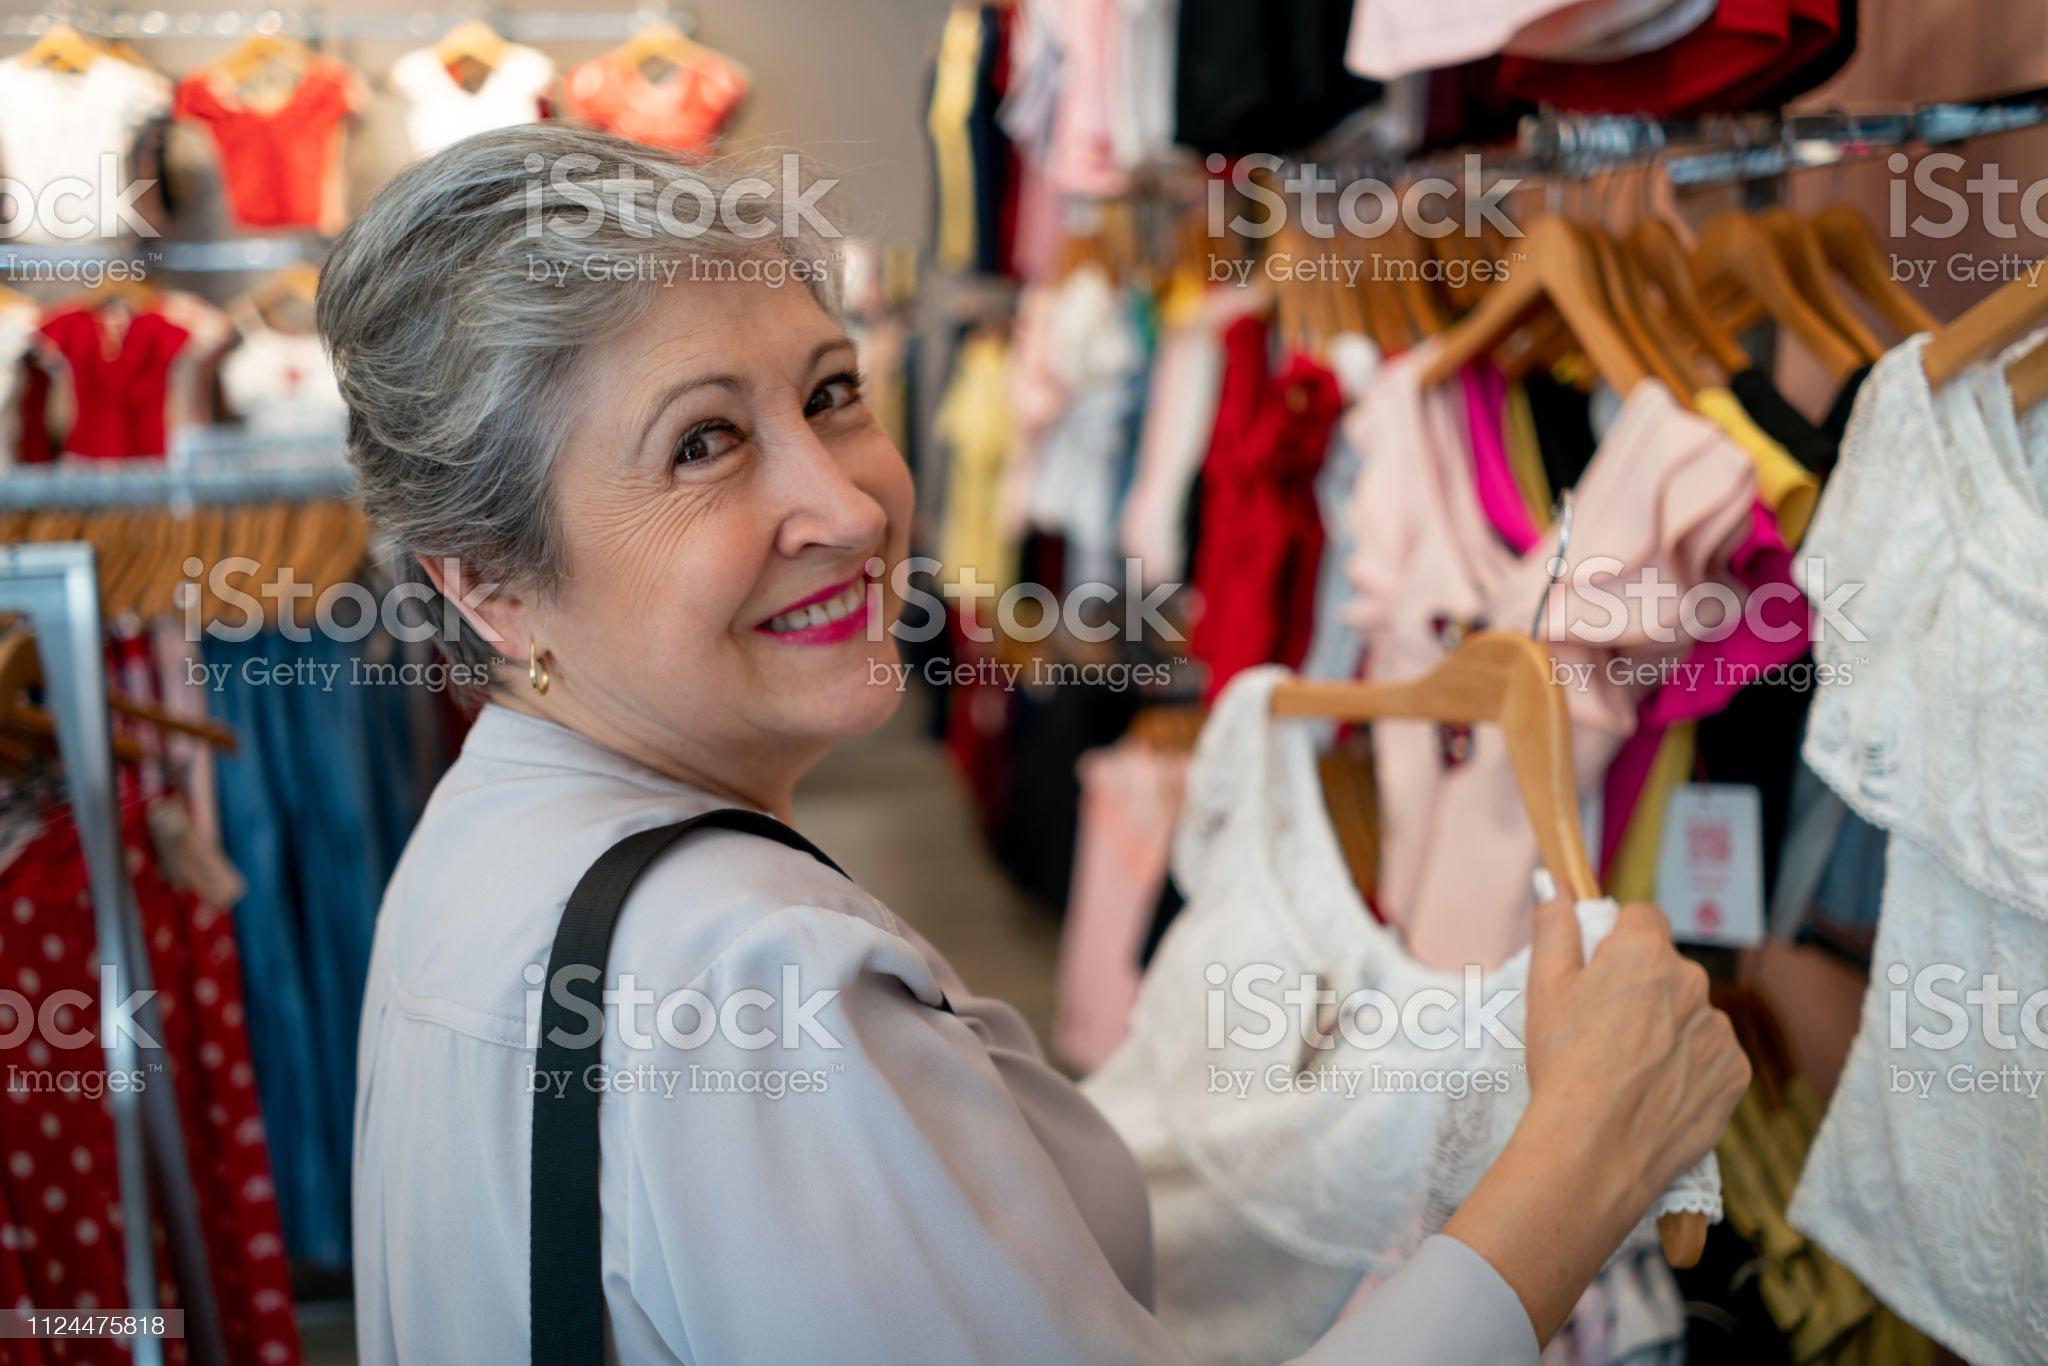 Imagen De Mujer Senior Alegre Mirando A Cámara Sonriendo Mientras Que Las Compras En Una Tienda De Ropa Fotografía De Stock